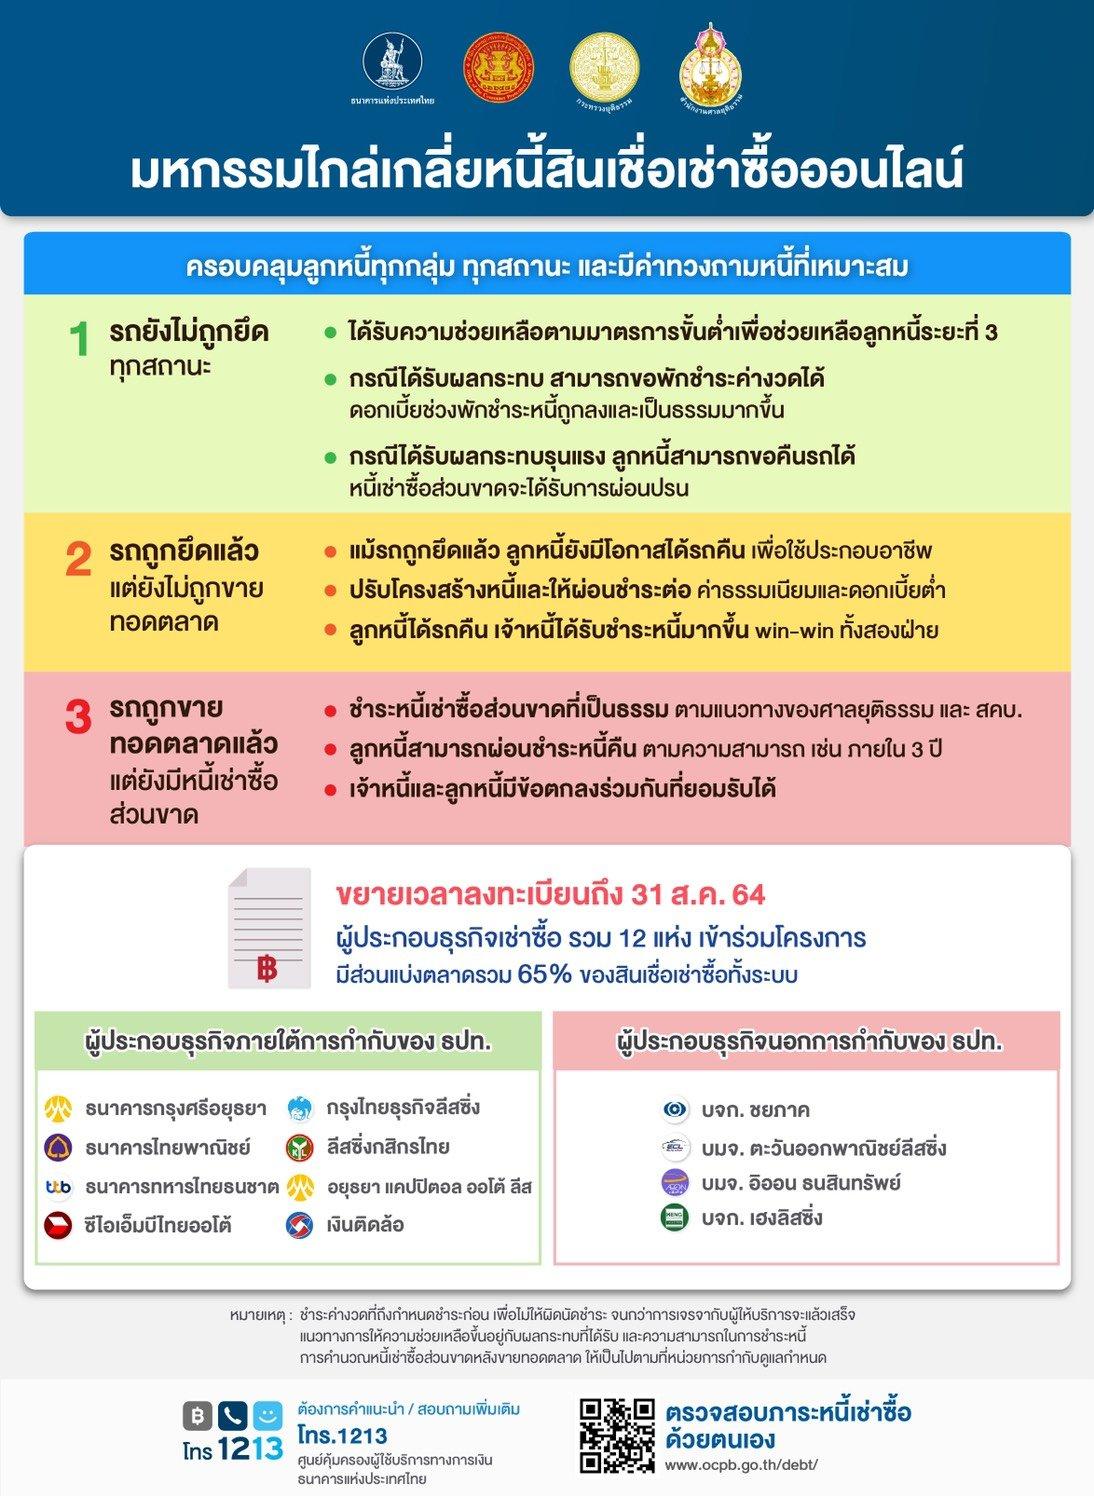 ธนาคารแห่งประเทศไทย  ขยายเวลา ไกล่เกลี่ยหนี้เช่าซื้อรถยนต์ออนไลน์ ถึง 31 ส.ค.นี้